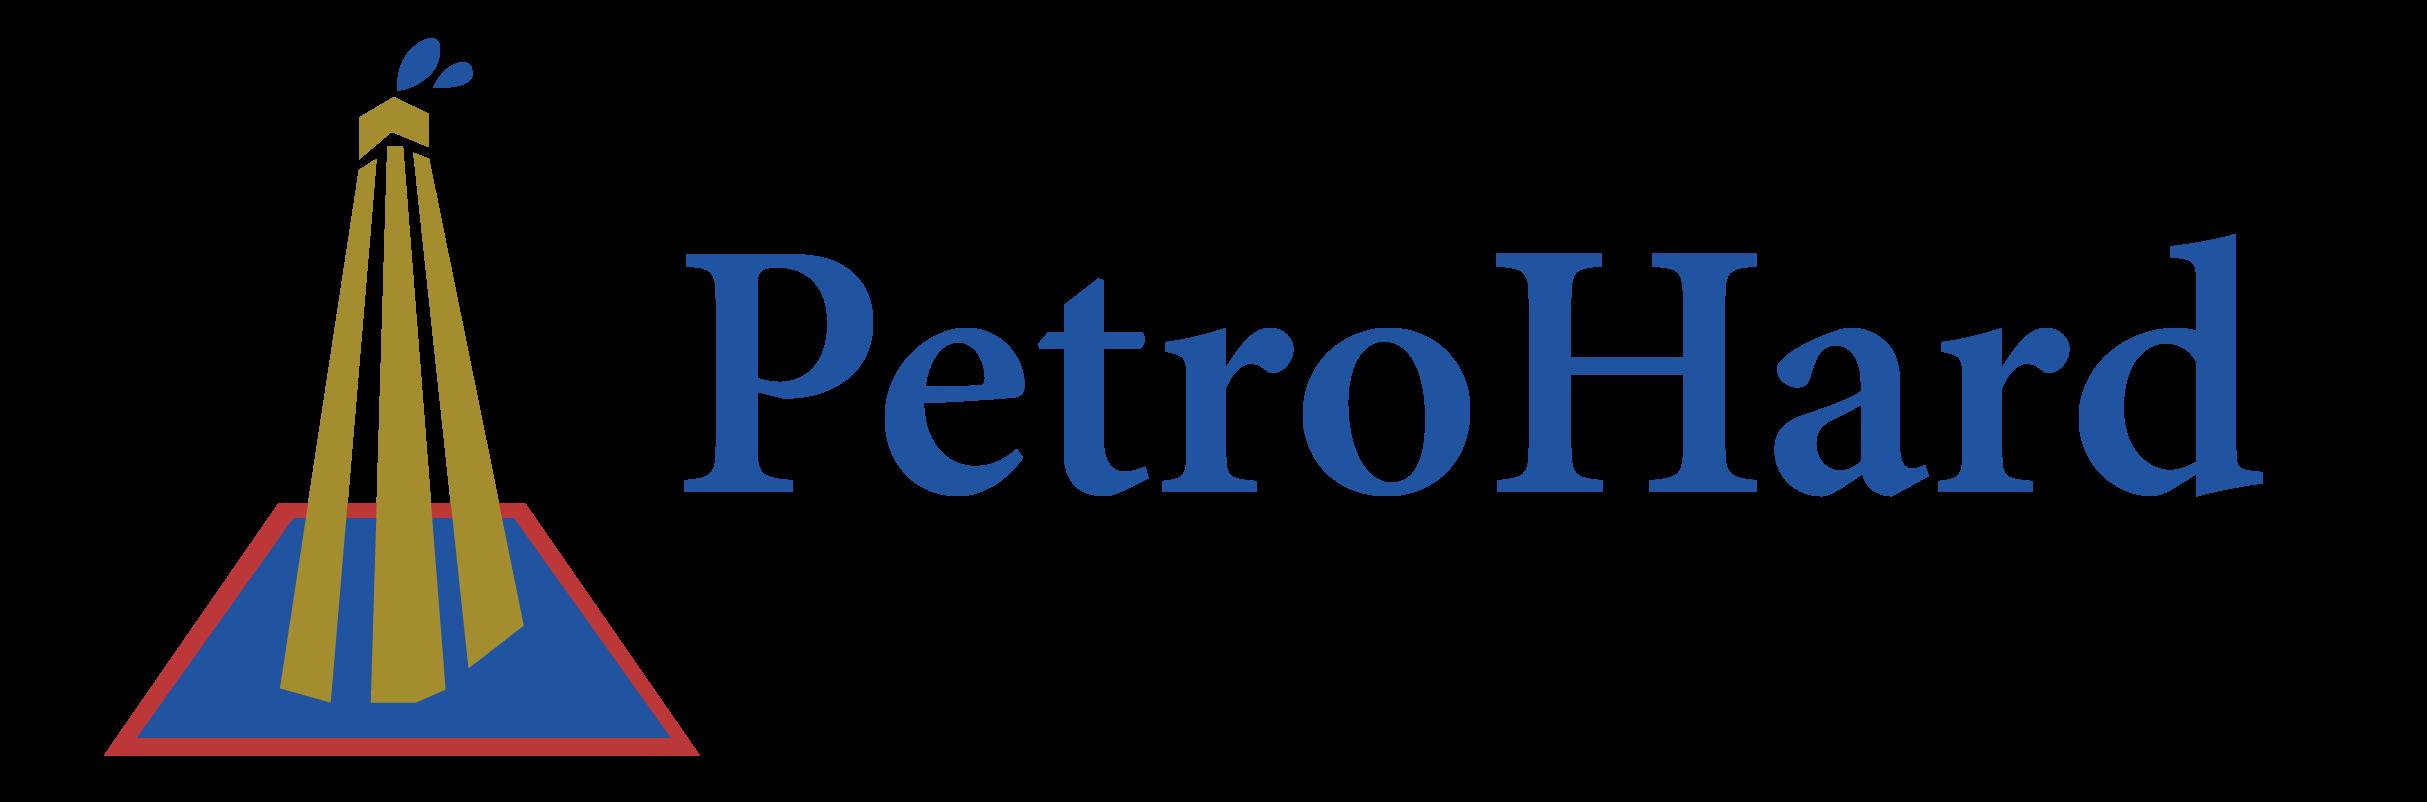 www.petrohard.com.ar